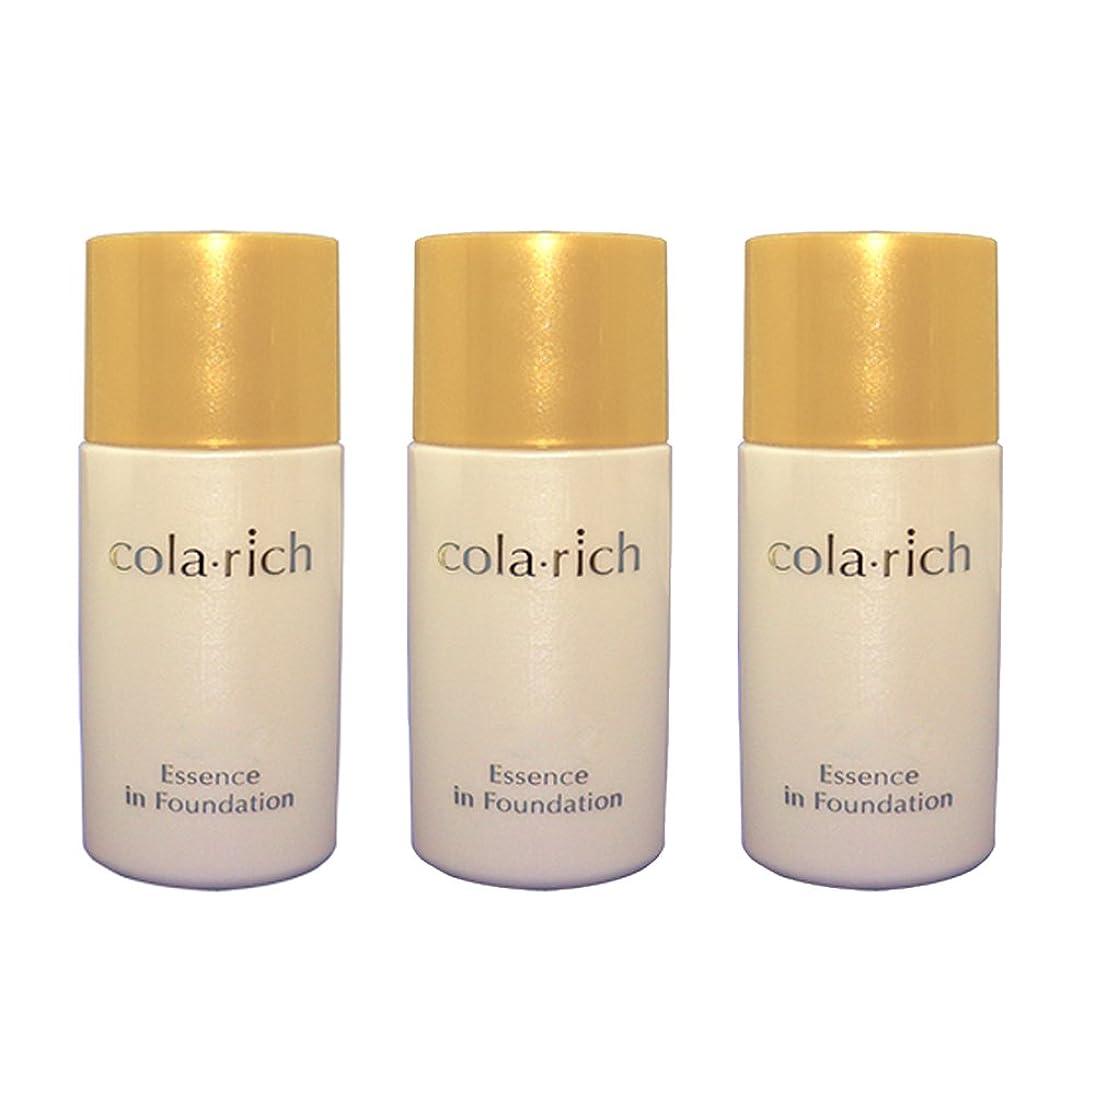 反対にアブストラクト変動するコラリッチ 美容液ファンデーション 3個まとめ買い (色白肌用)/キューサイ